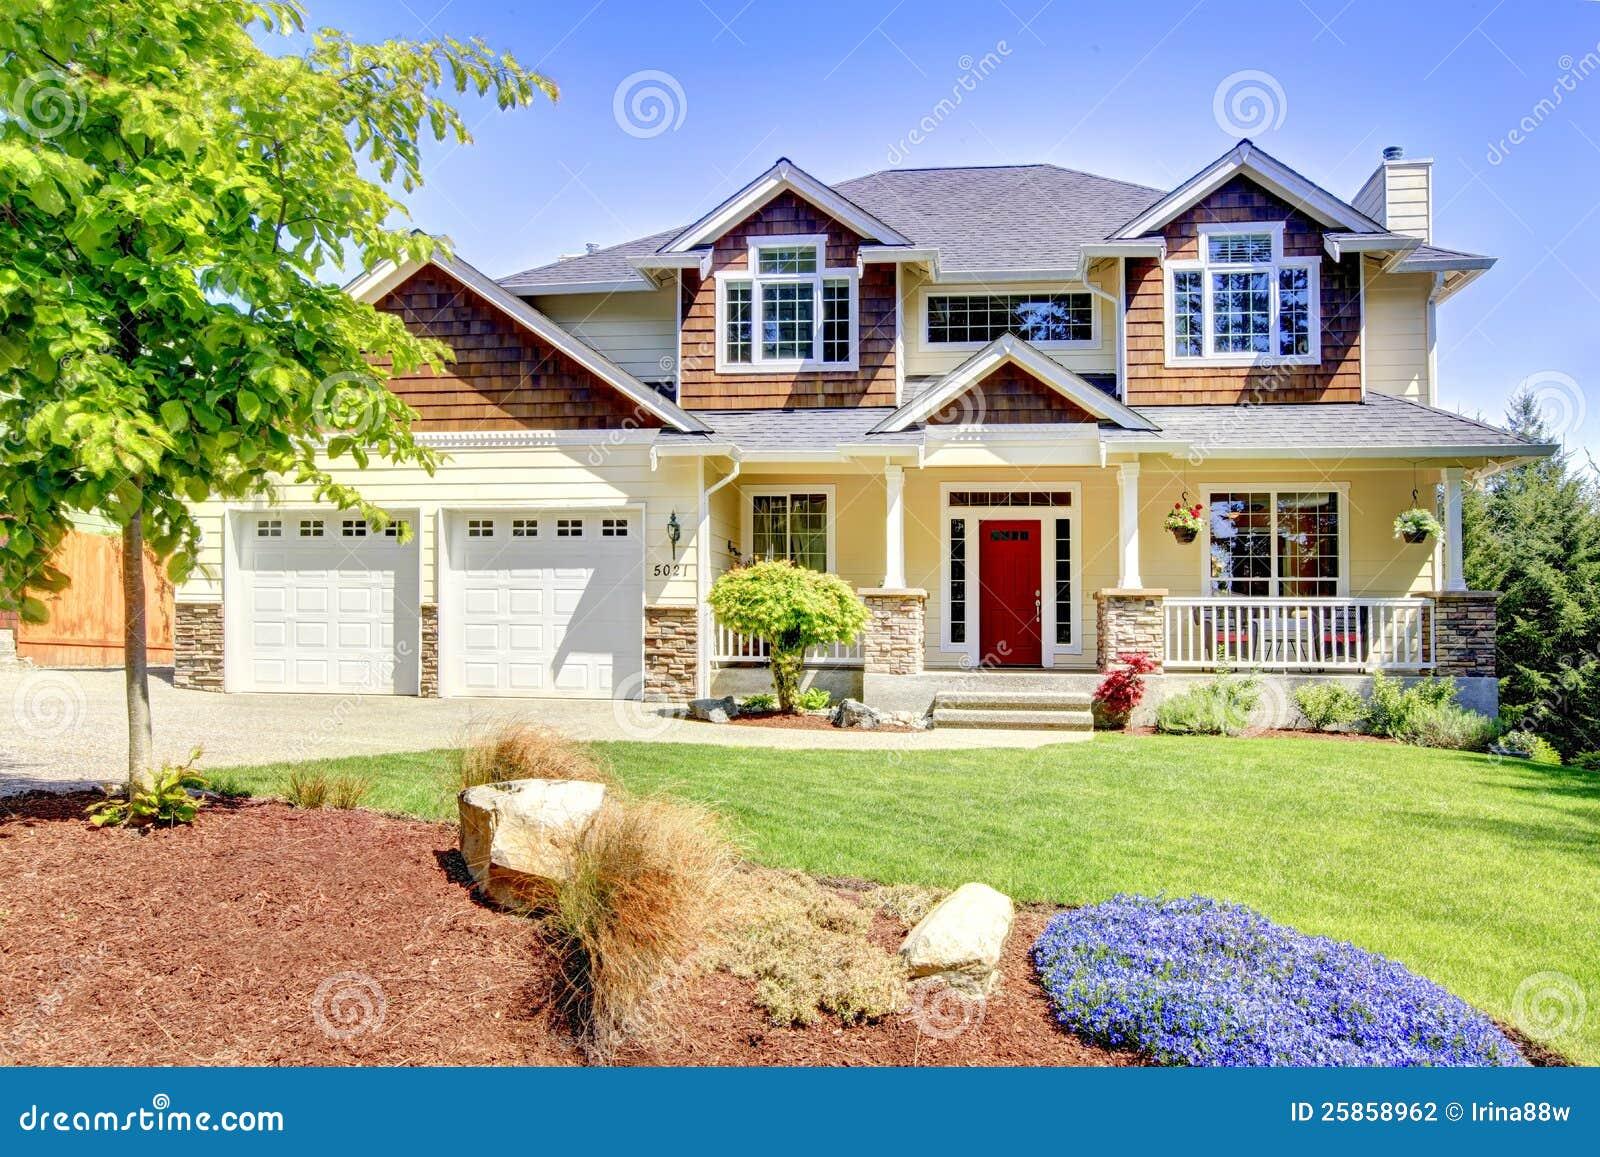 grande casa bonita americana com porta vermelha foto de stock imagem de arquitetura freio. Black Bedroom Furniture Sets. Home Design Ideas